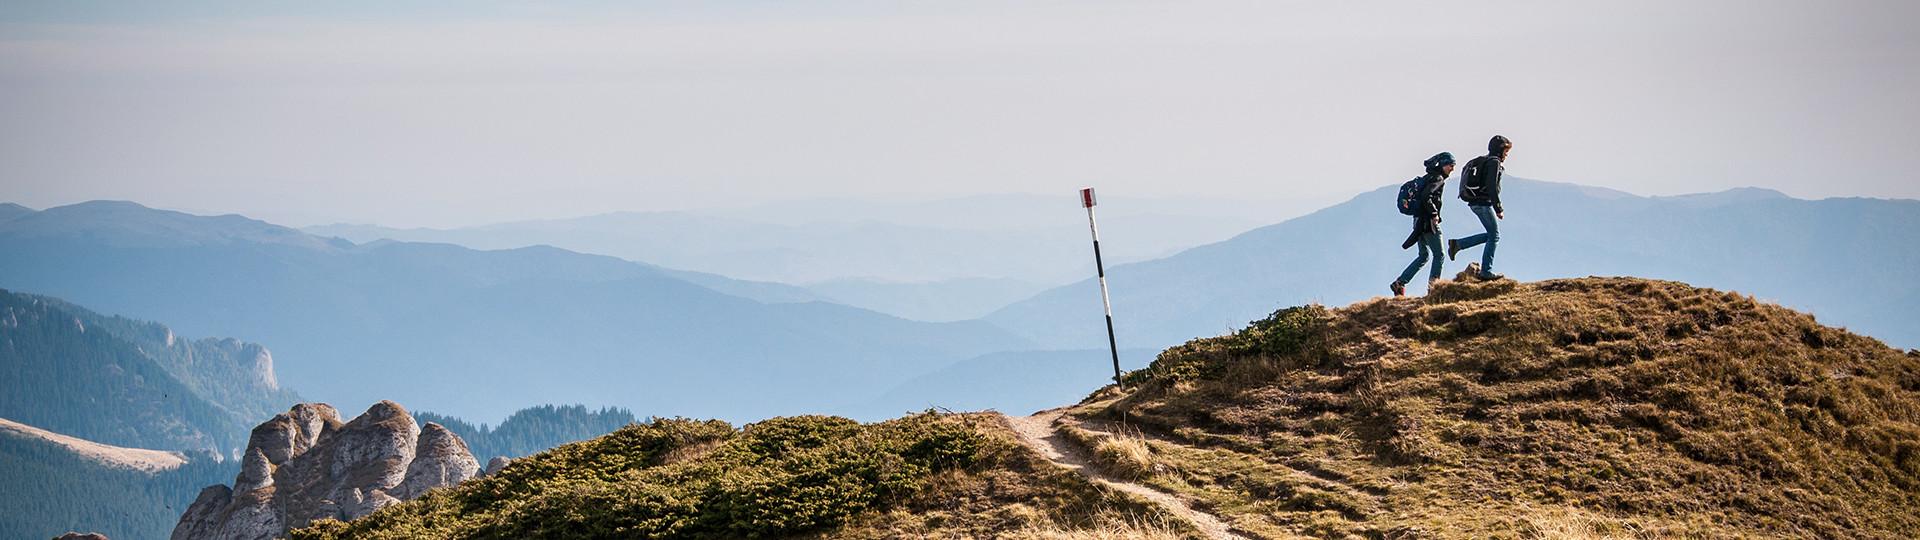 Randonnée dans les Alpes et Jura